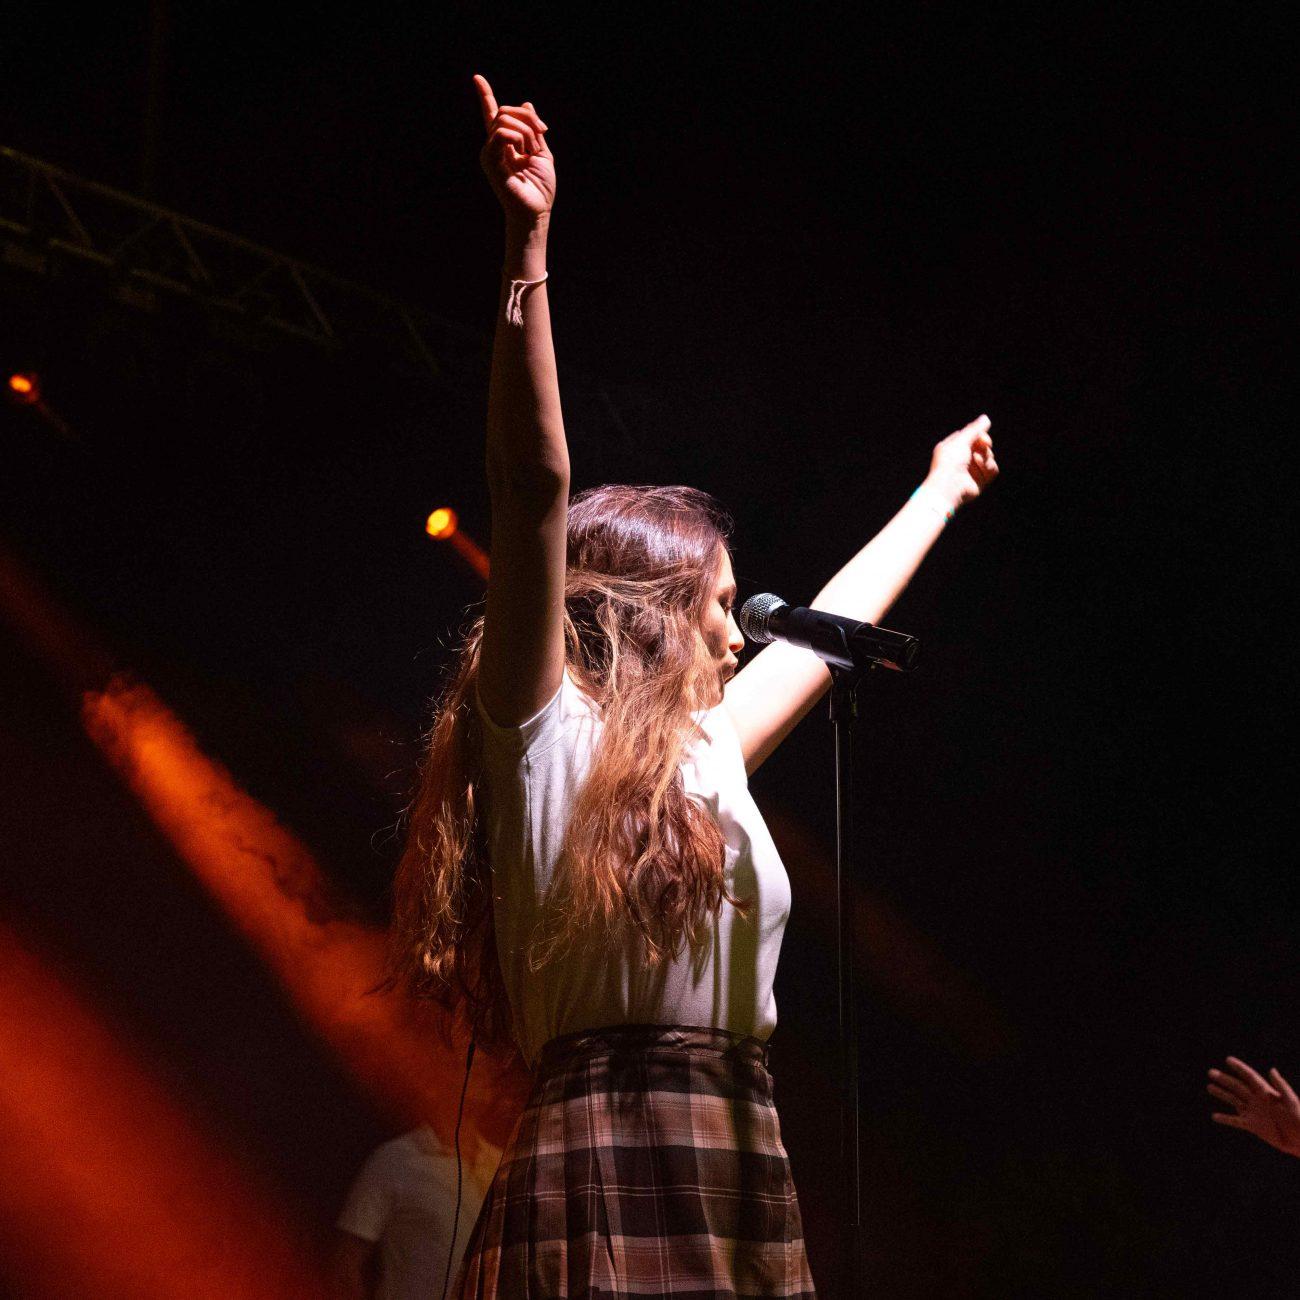 Rigoberta Bandini con los brazos en alto, plano medio durante su actuación en el MAF 2021 en Pamplona.